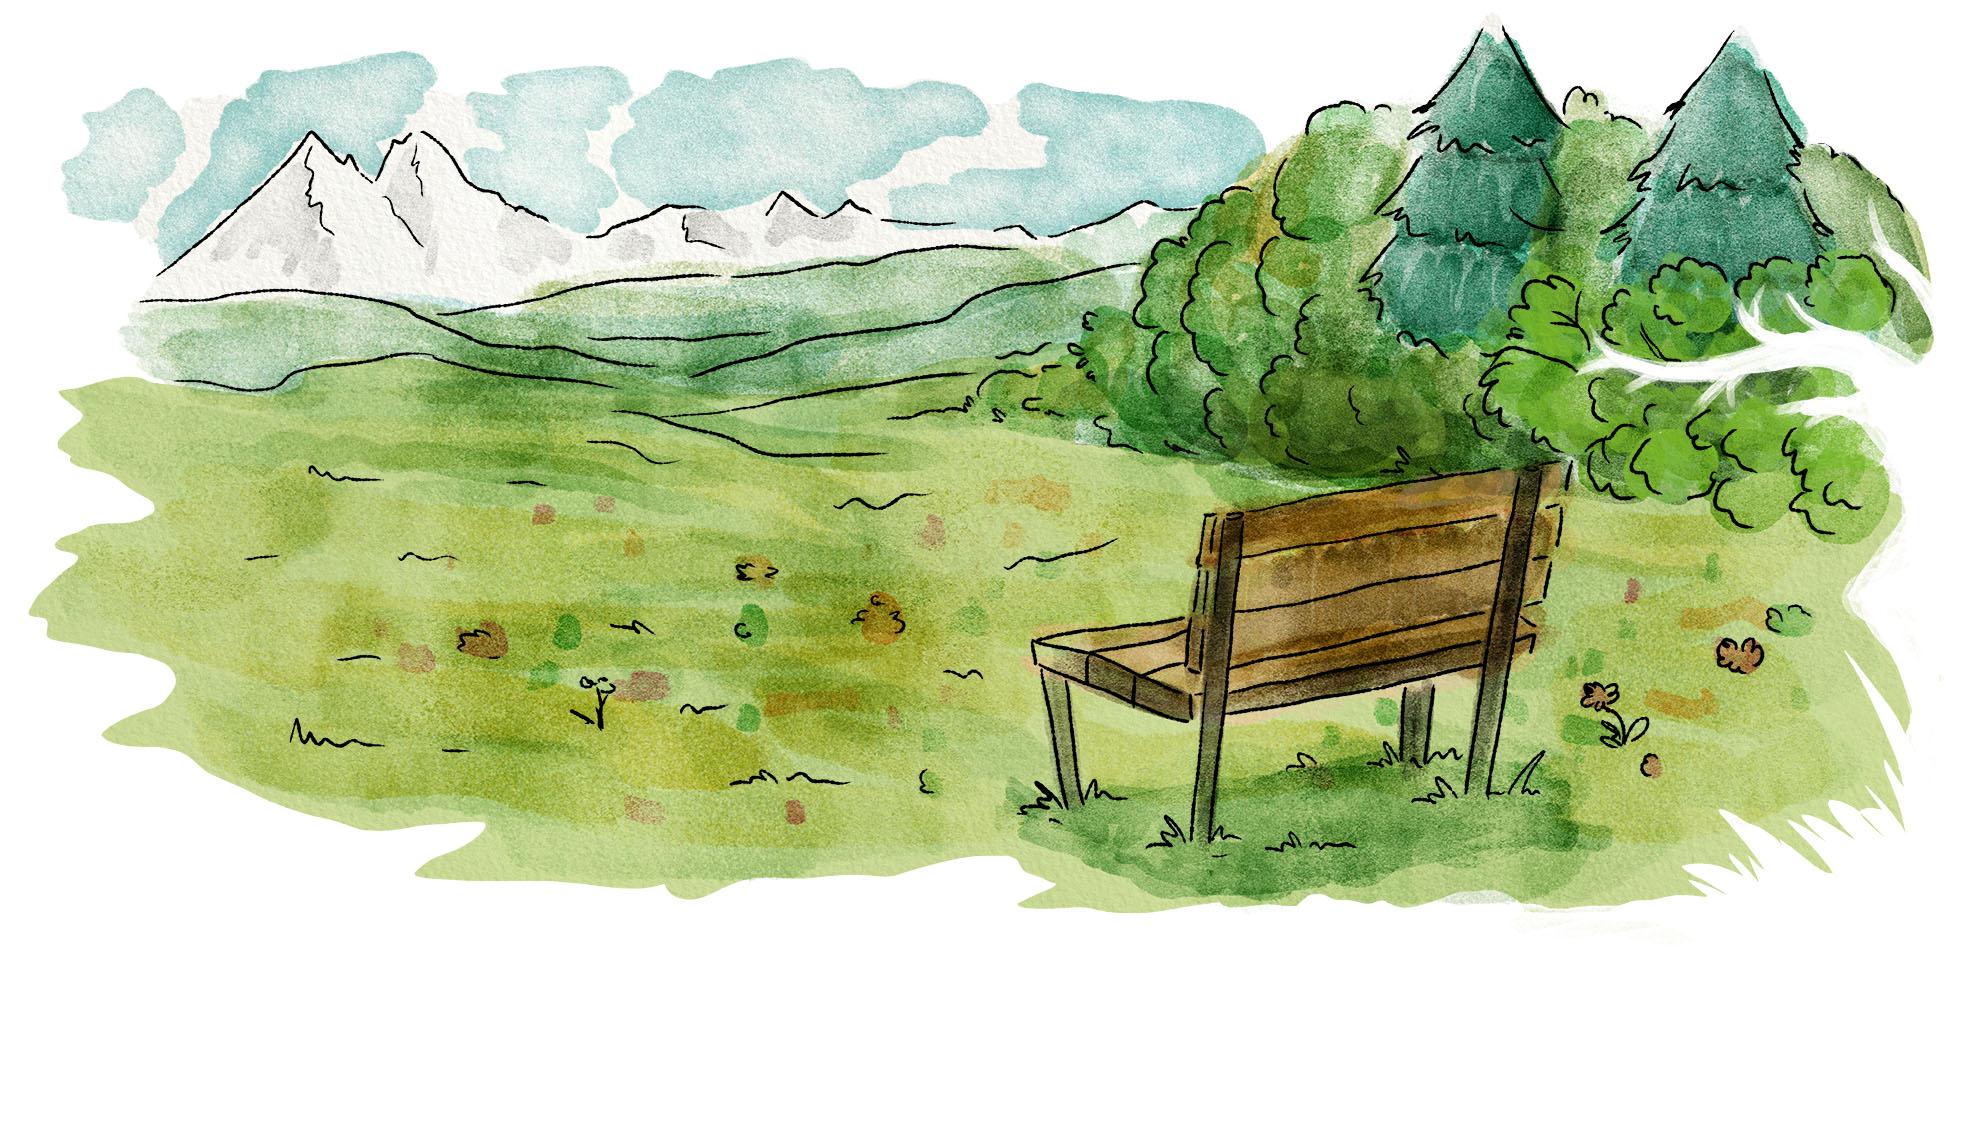 Eine Aquarell-Illustration einer Bank auf einer Wiese in der Nähe eines Waldes mit Sicht auf die Alpen